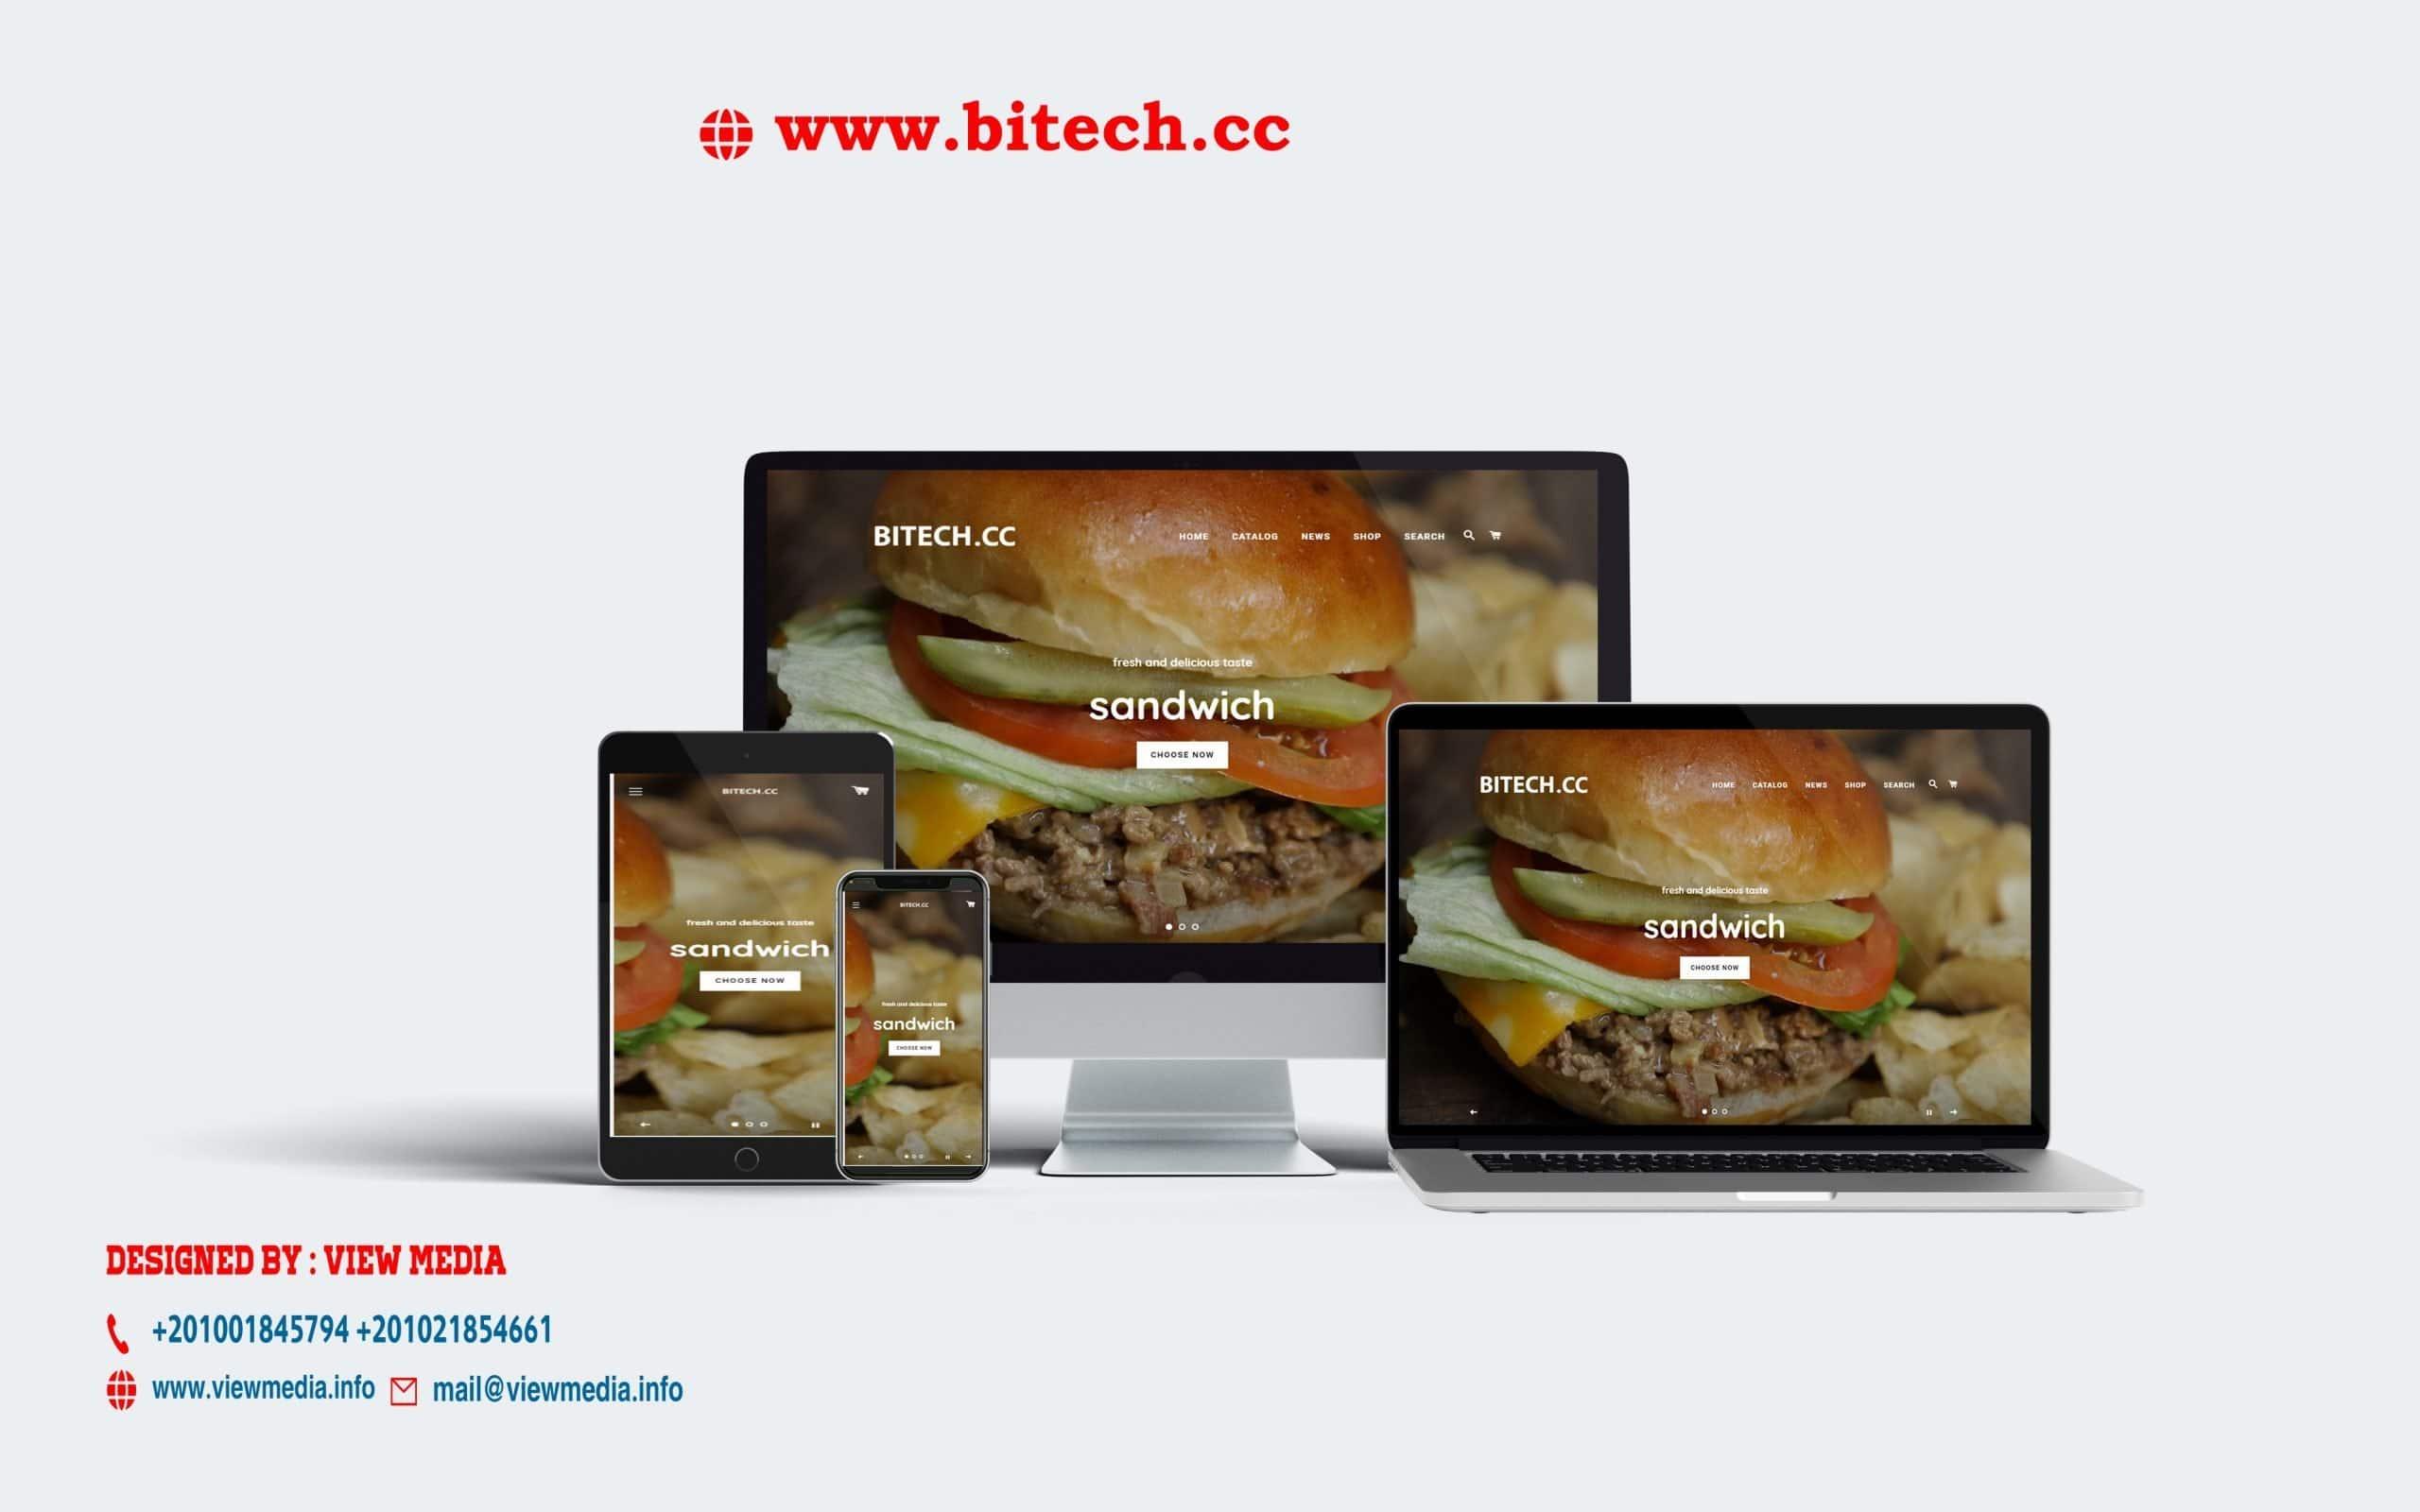 Desktop, Laptop, and Tablet2